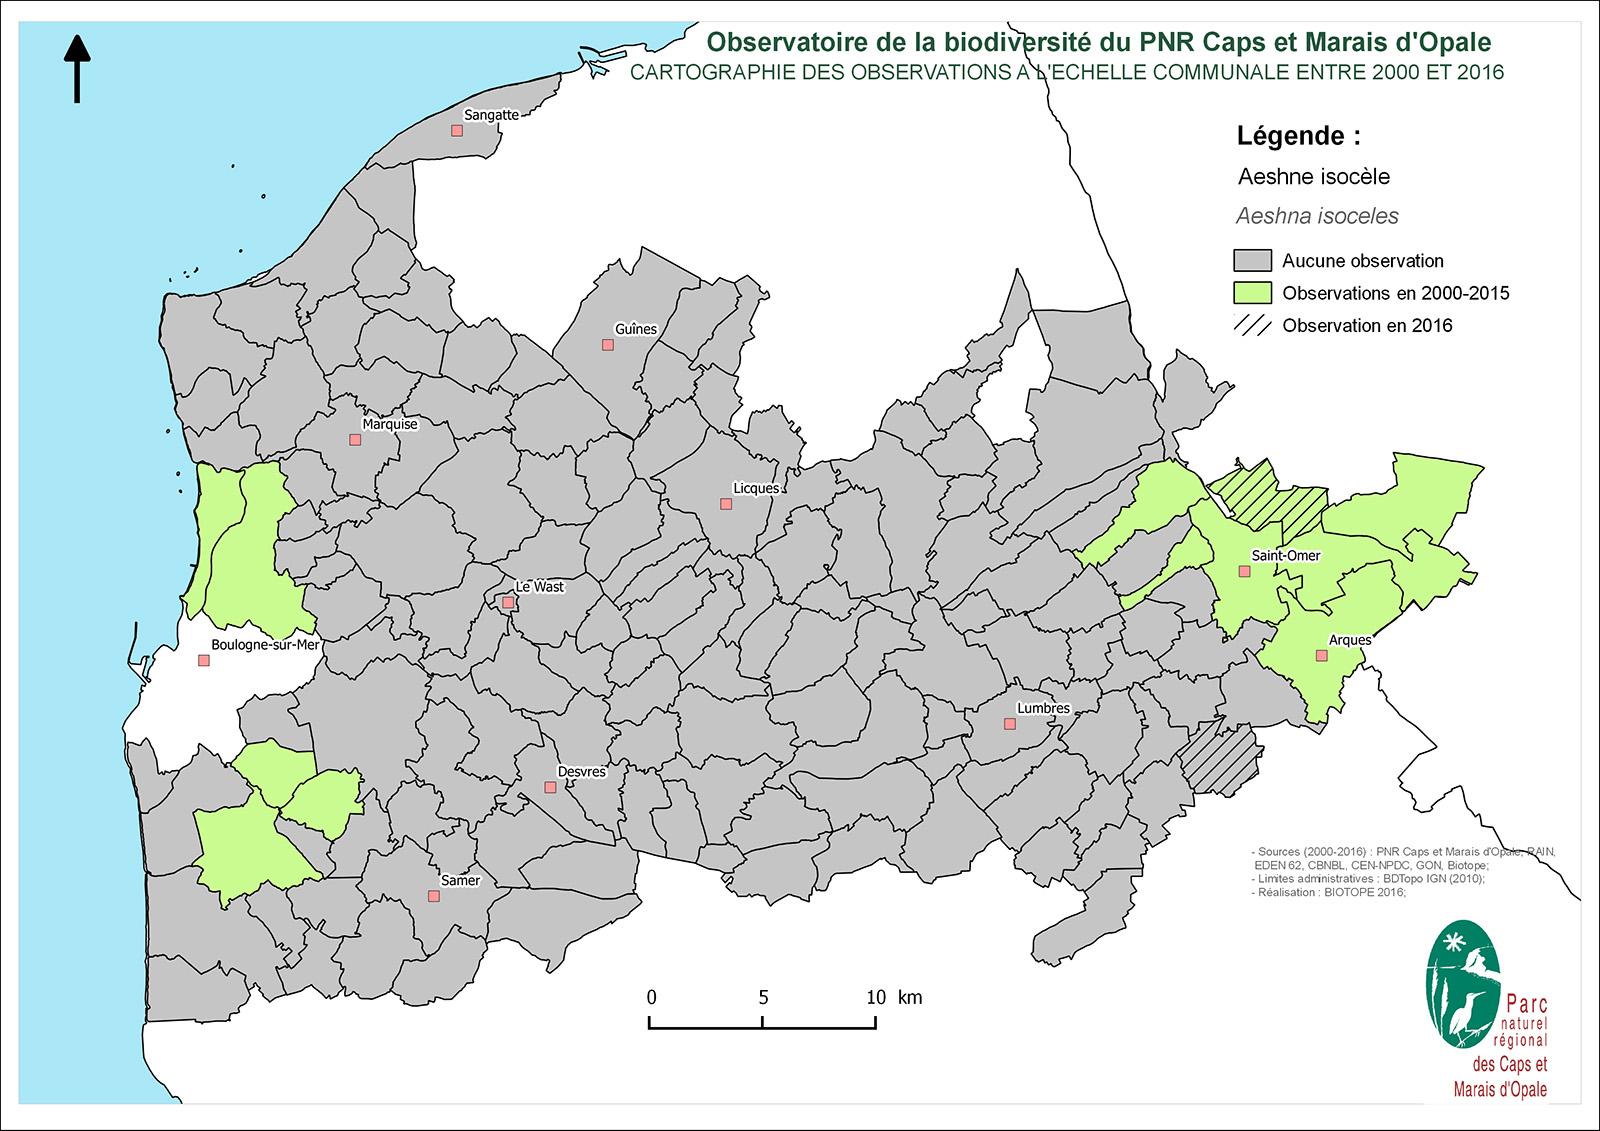 Présence /Absence de l'Aeschne isocèle par commune sur le territoire du PNRCMO (PNRCMO, 2016)